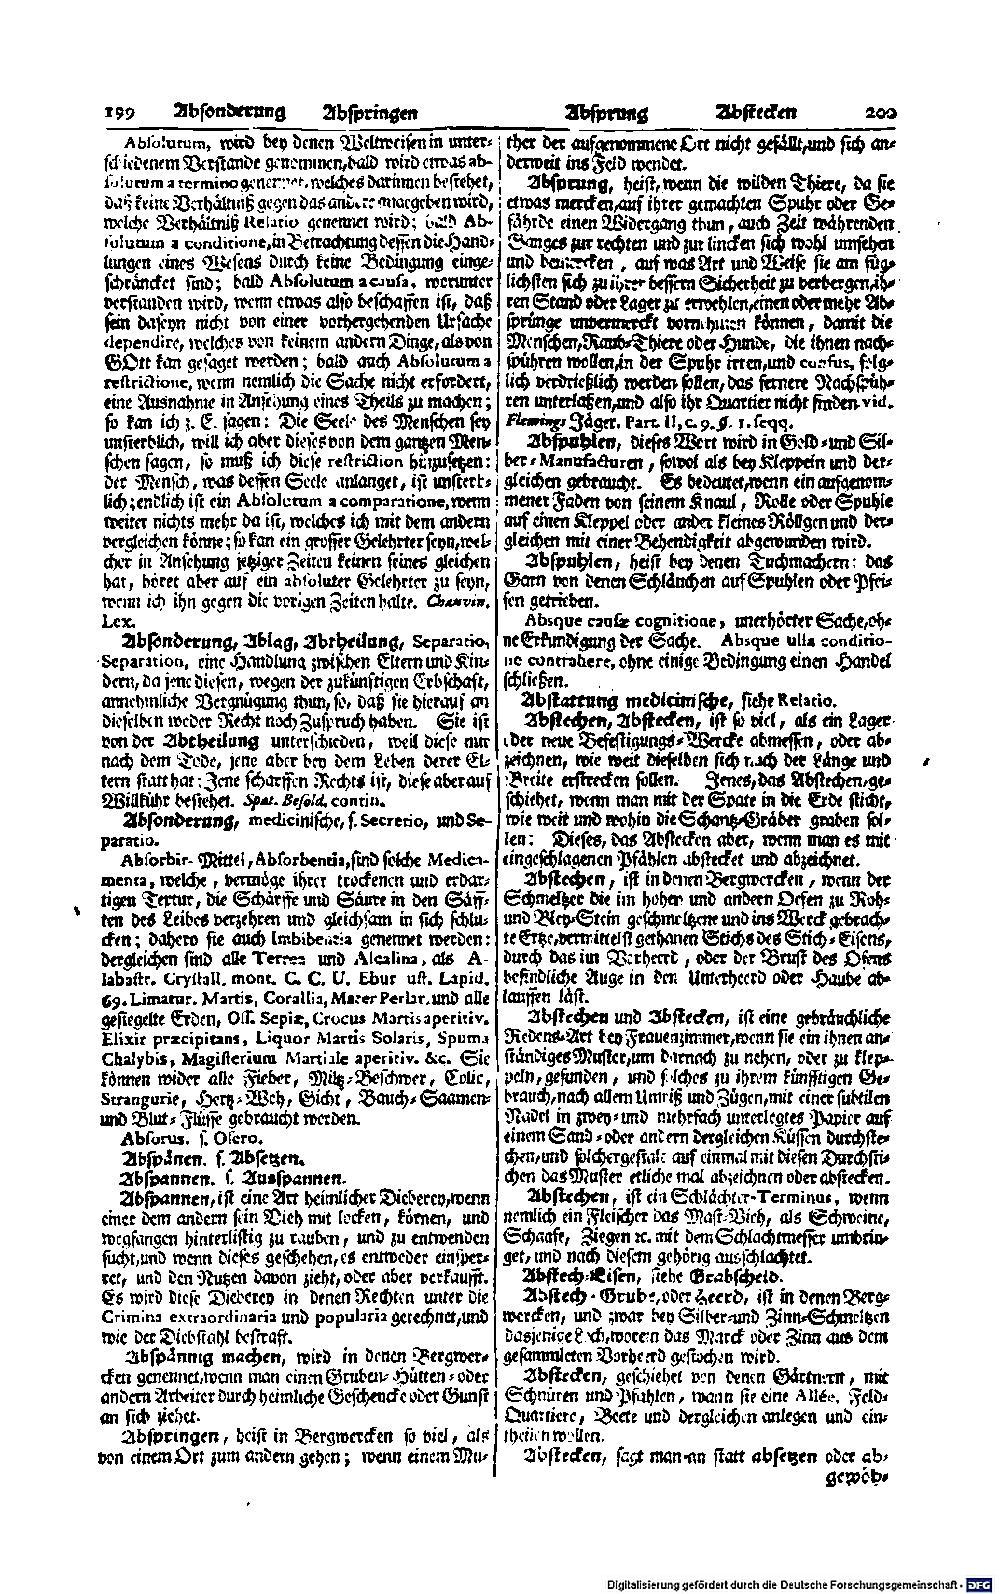 Bd. 01, Seite 0139.